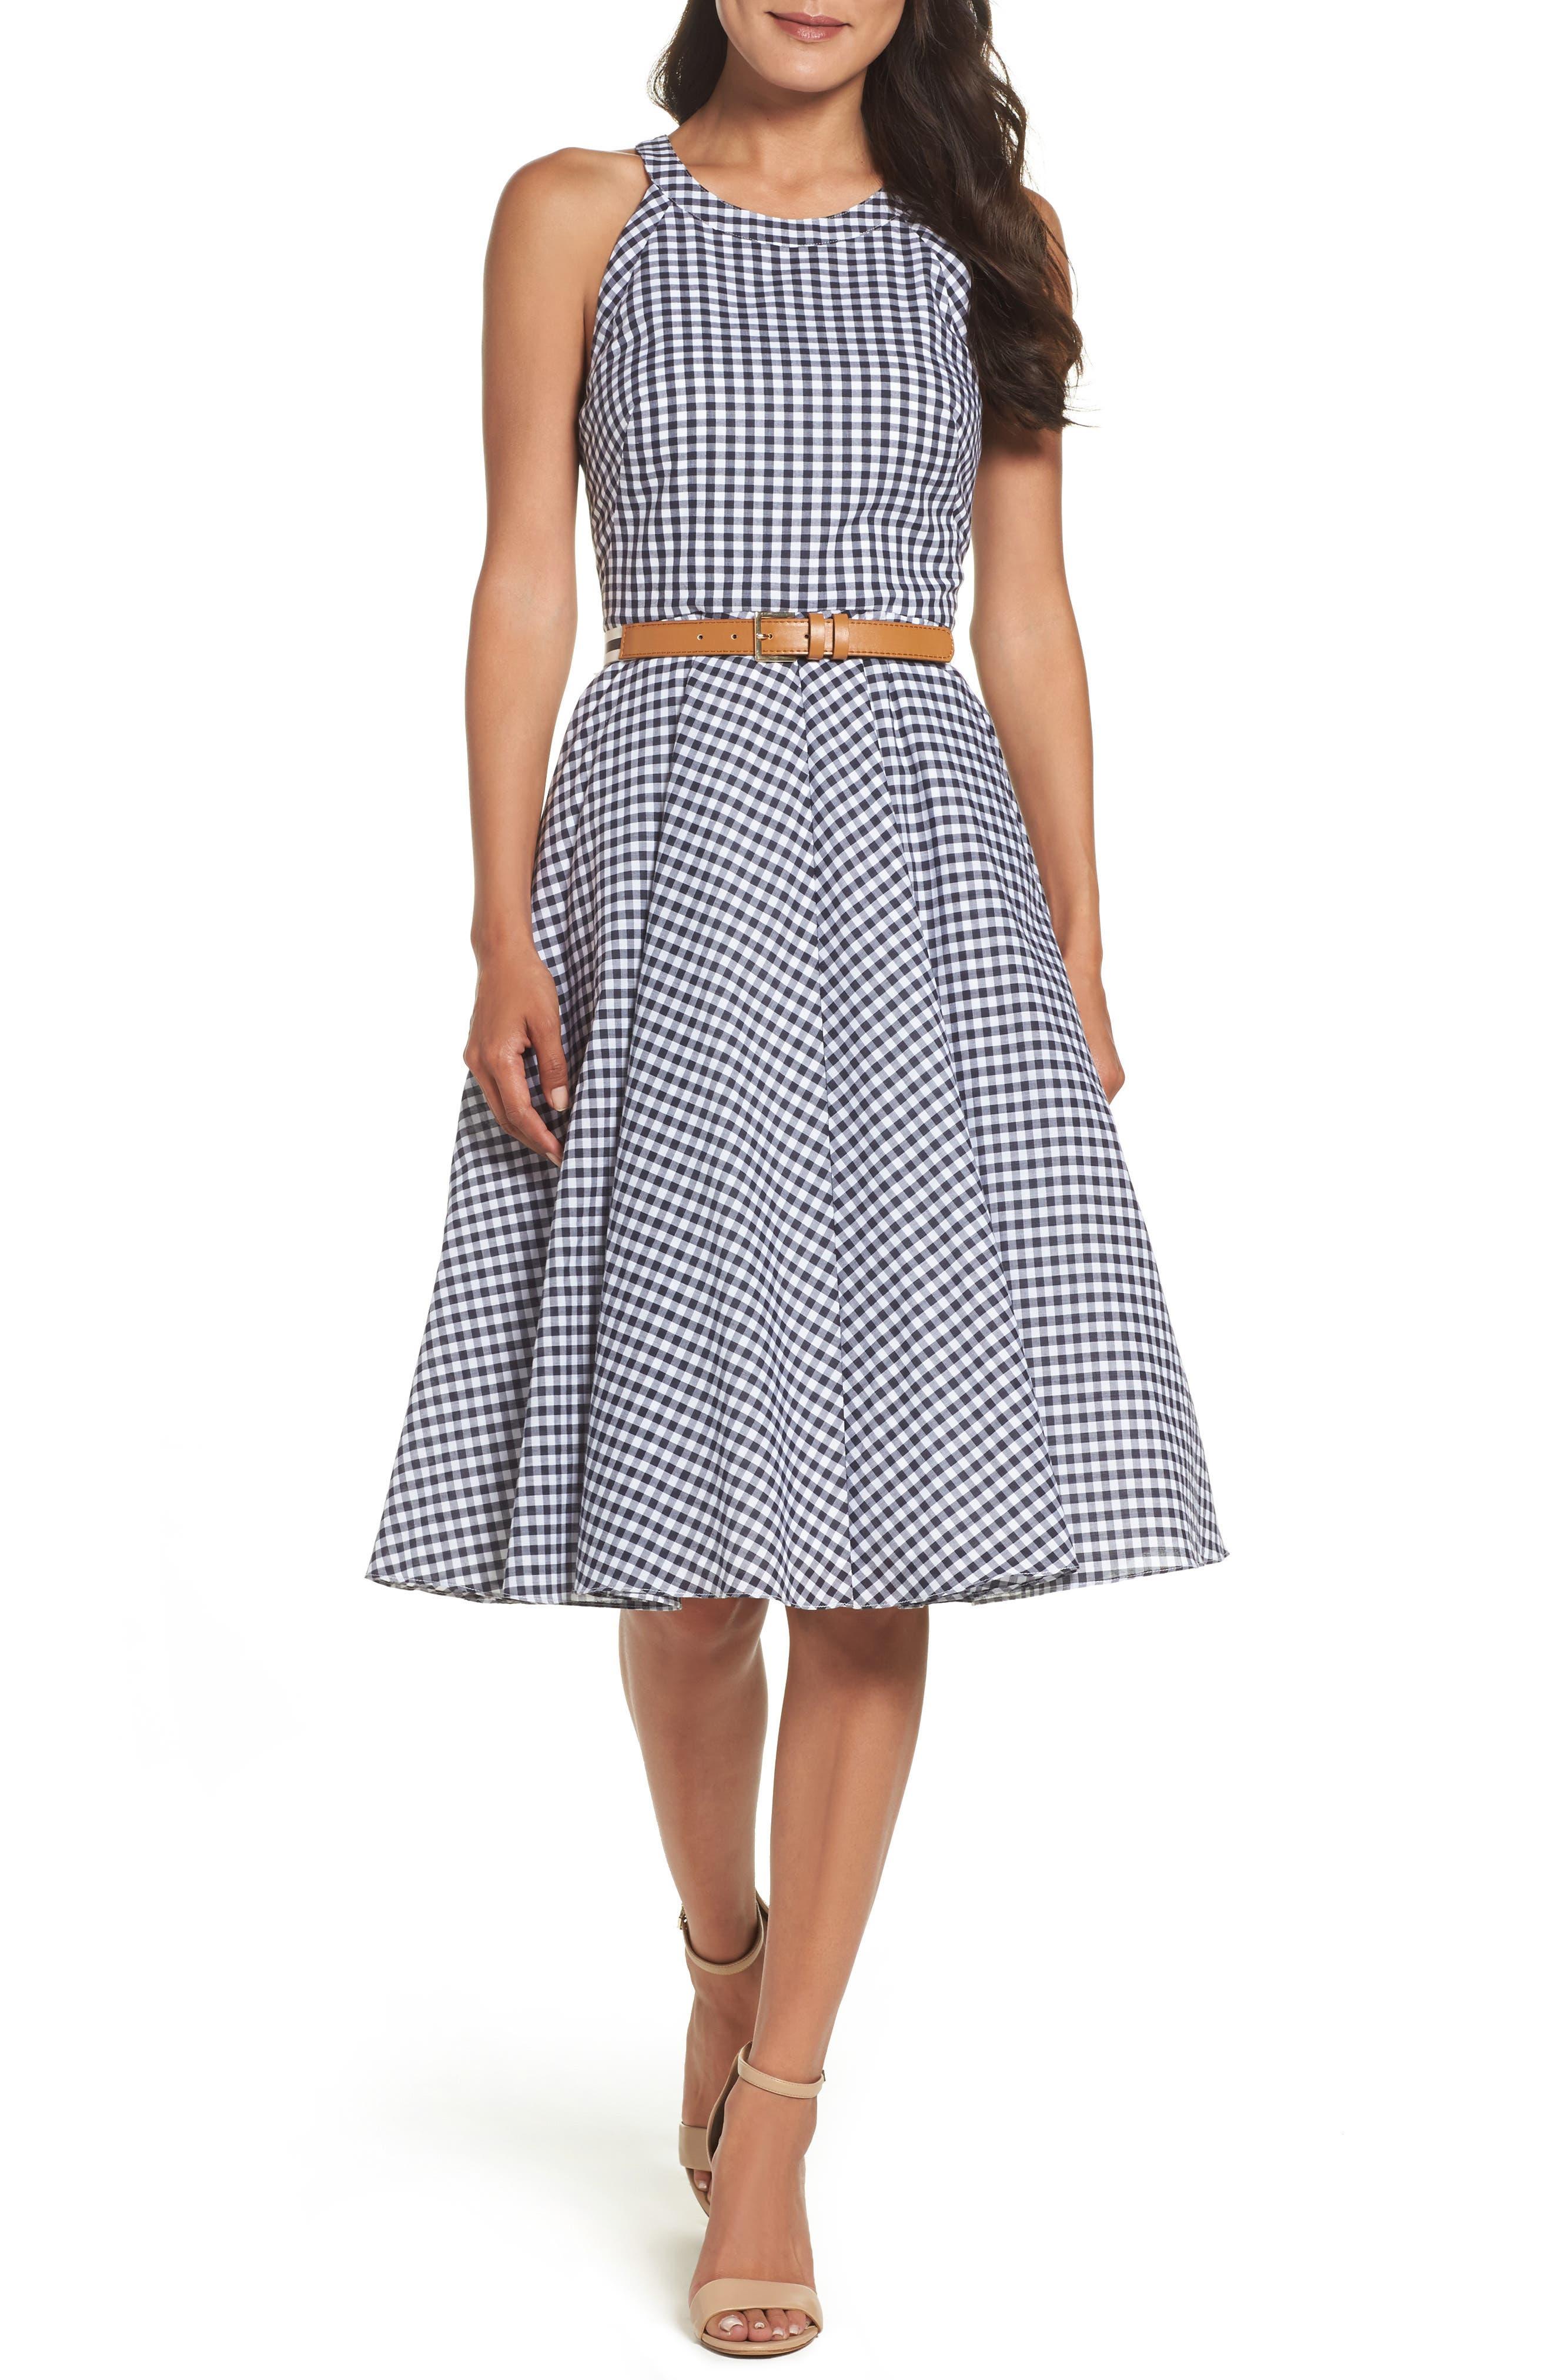 Alternate Image 1 Selected - Eliza J Belted Fit & Flare Dress